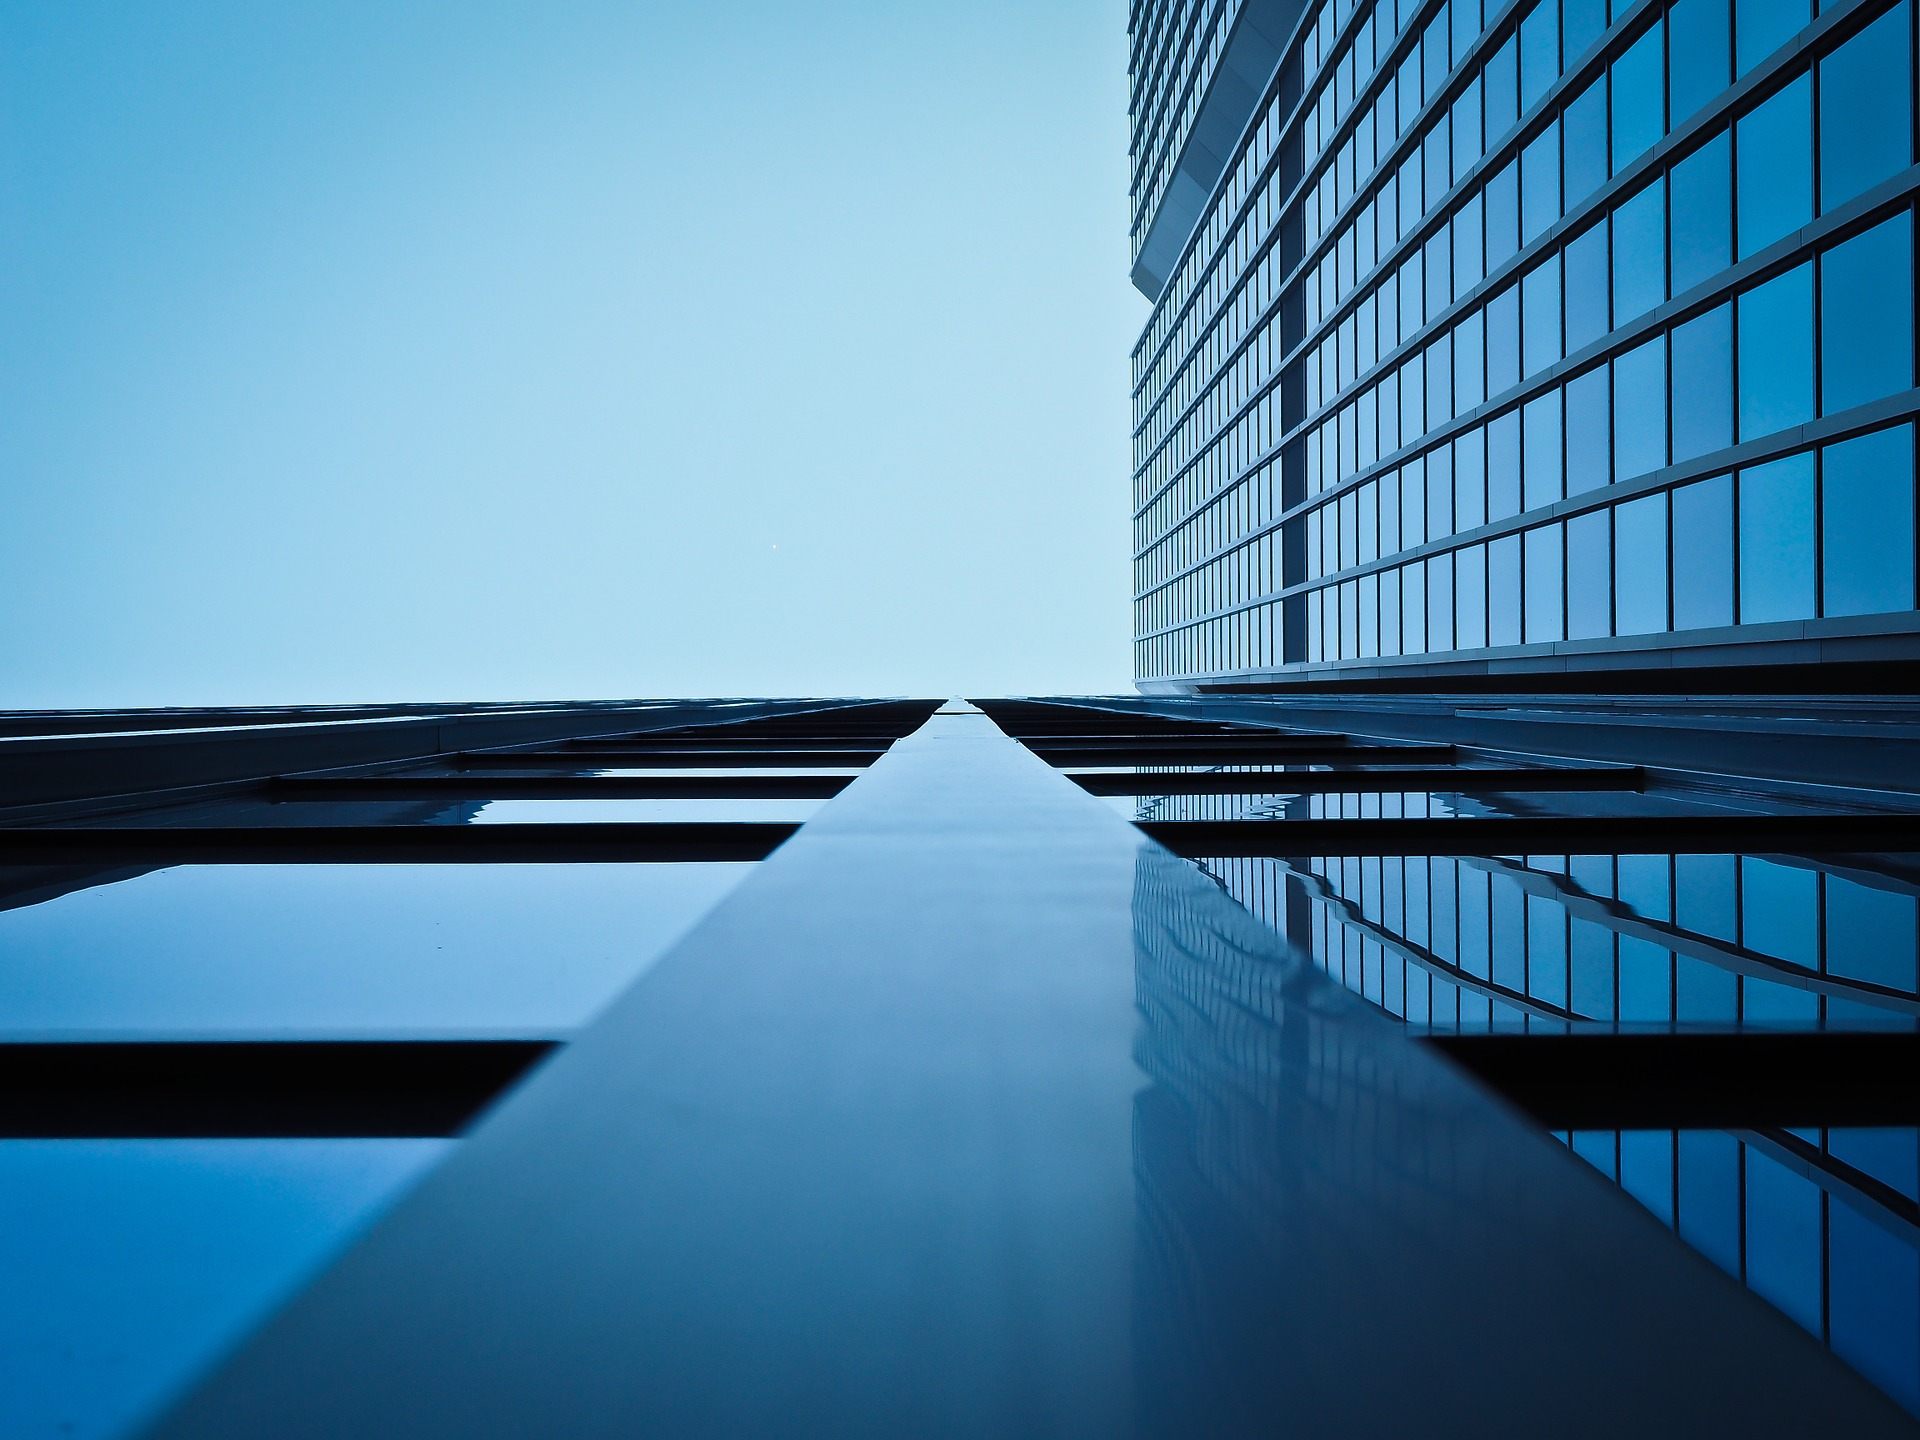 architecture-1048092_1920.jpg